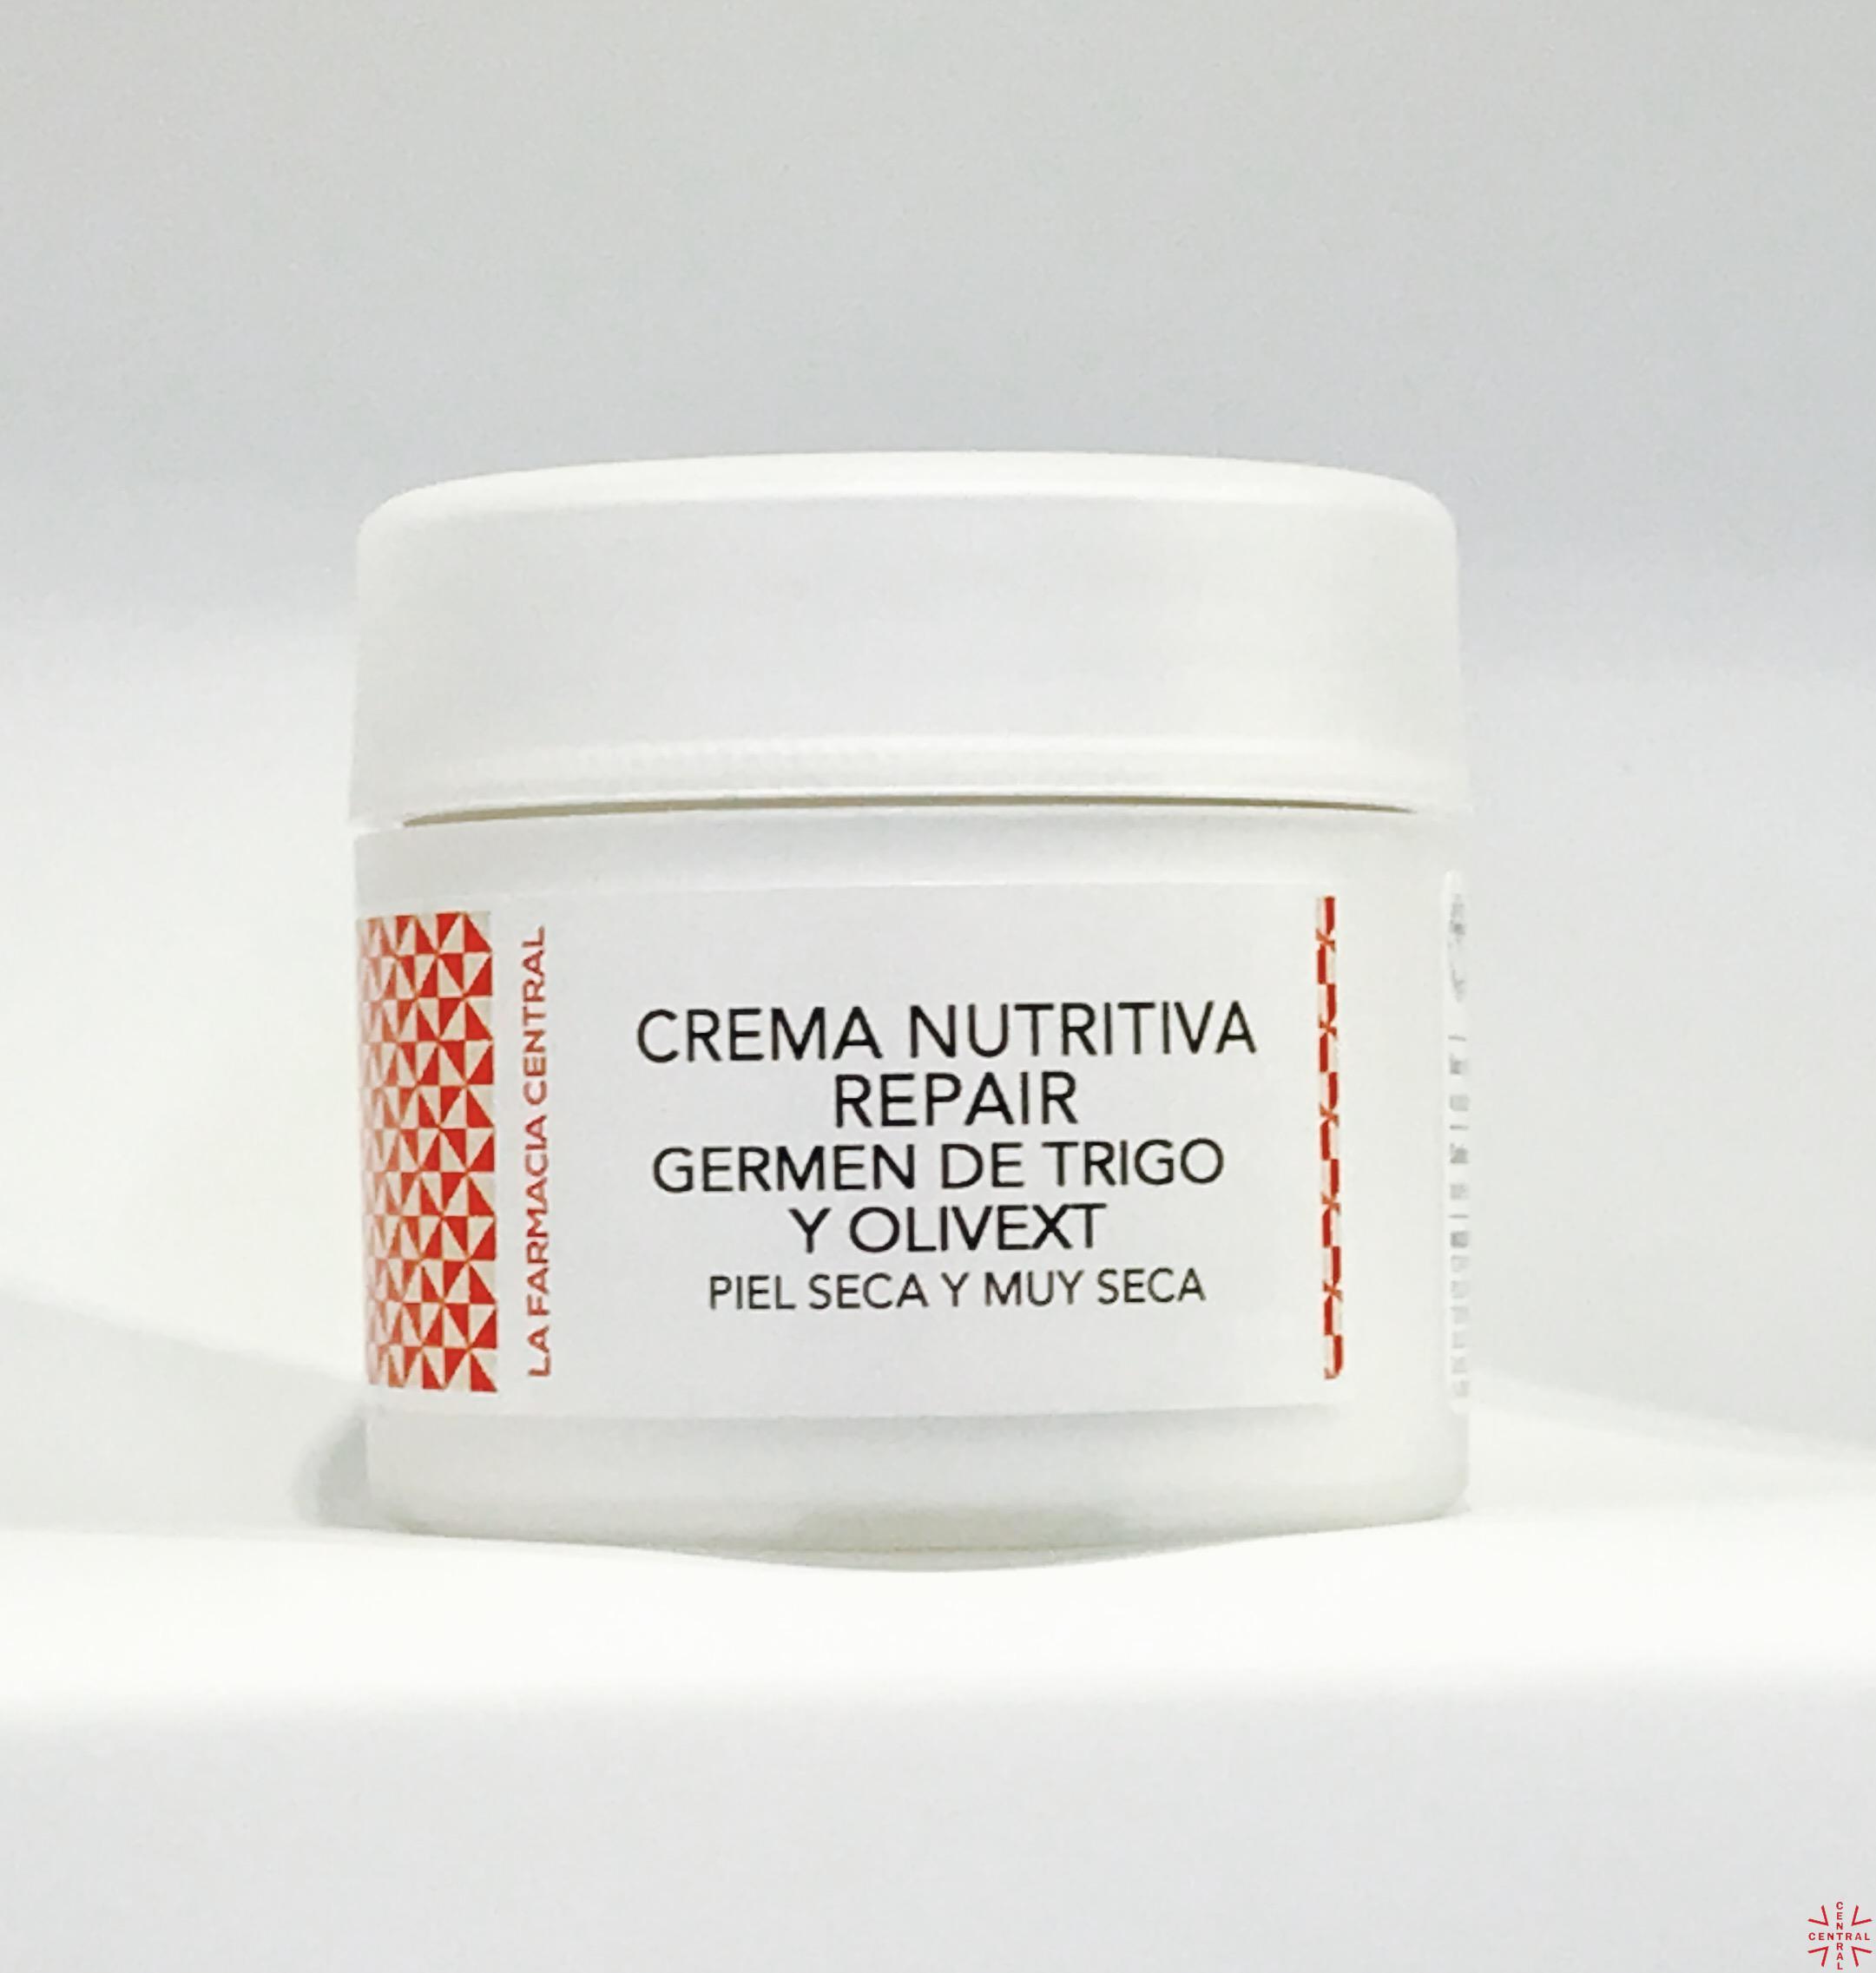 LFC Crema nutritiva-repair con germen de trigo y  olivext  50ml